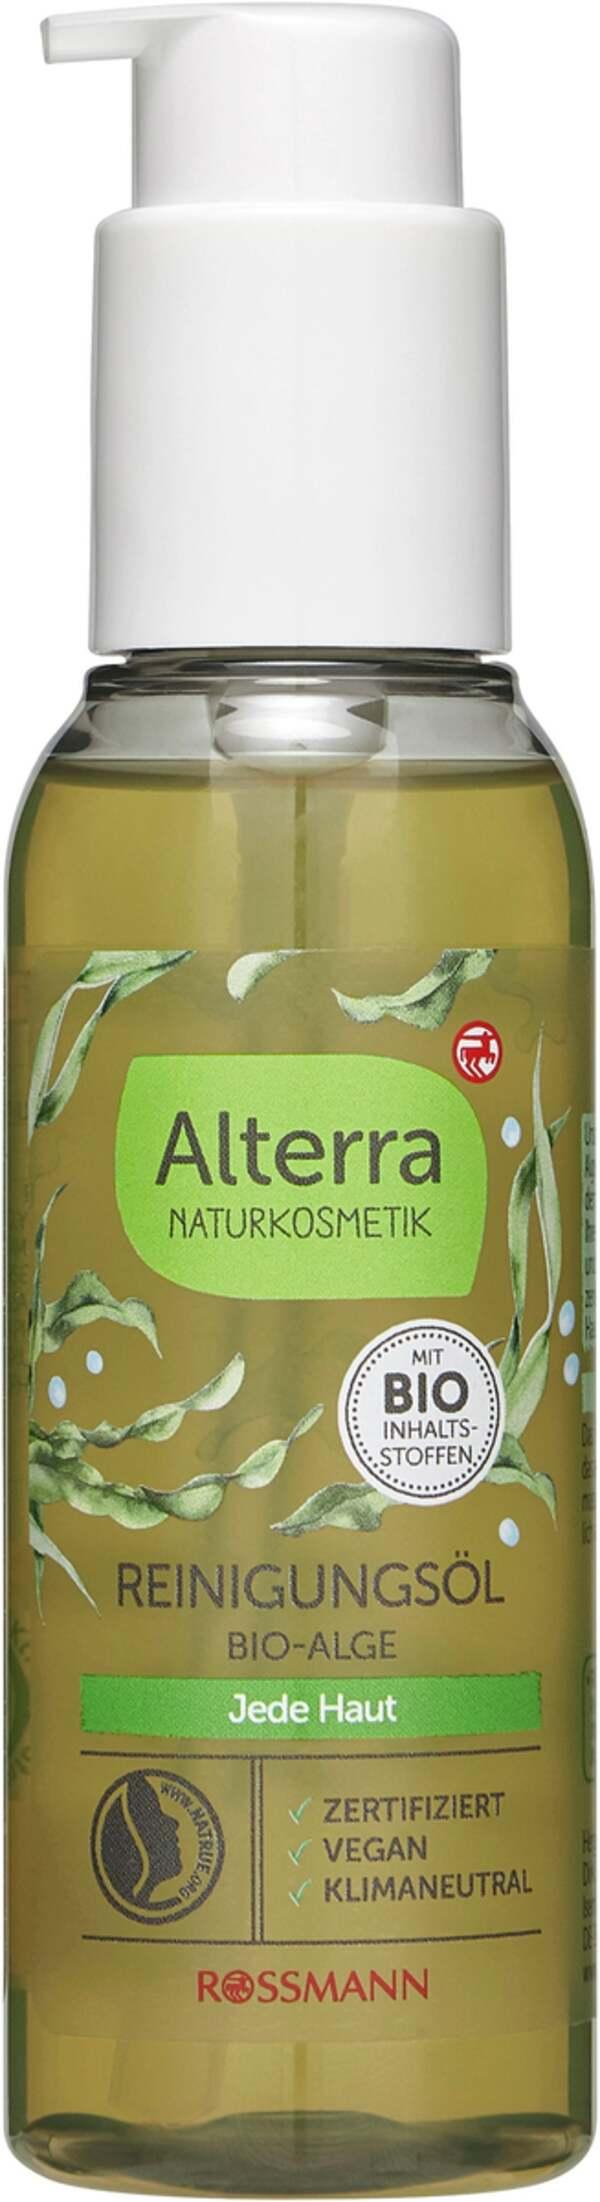 Alterra NATURKOSMETIK Reinigungsöl Bio-Alge